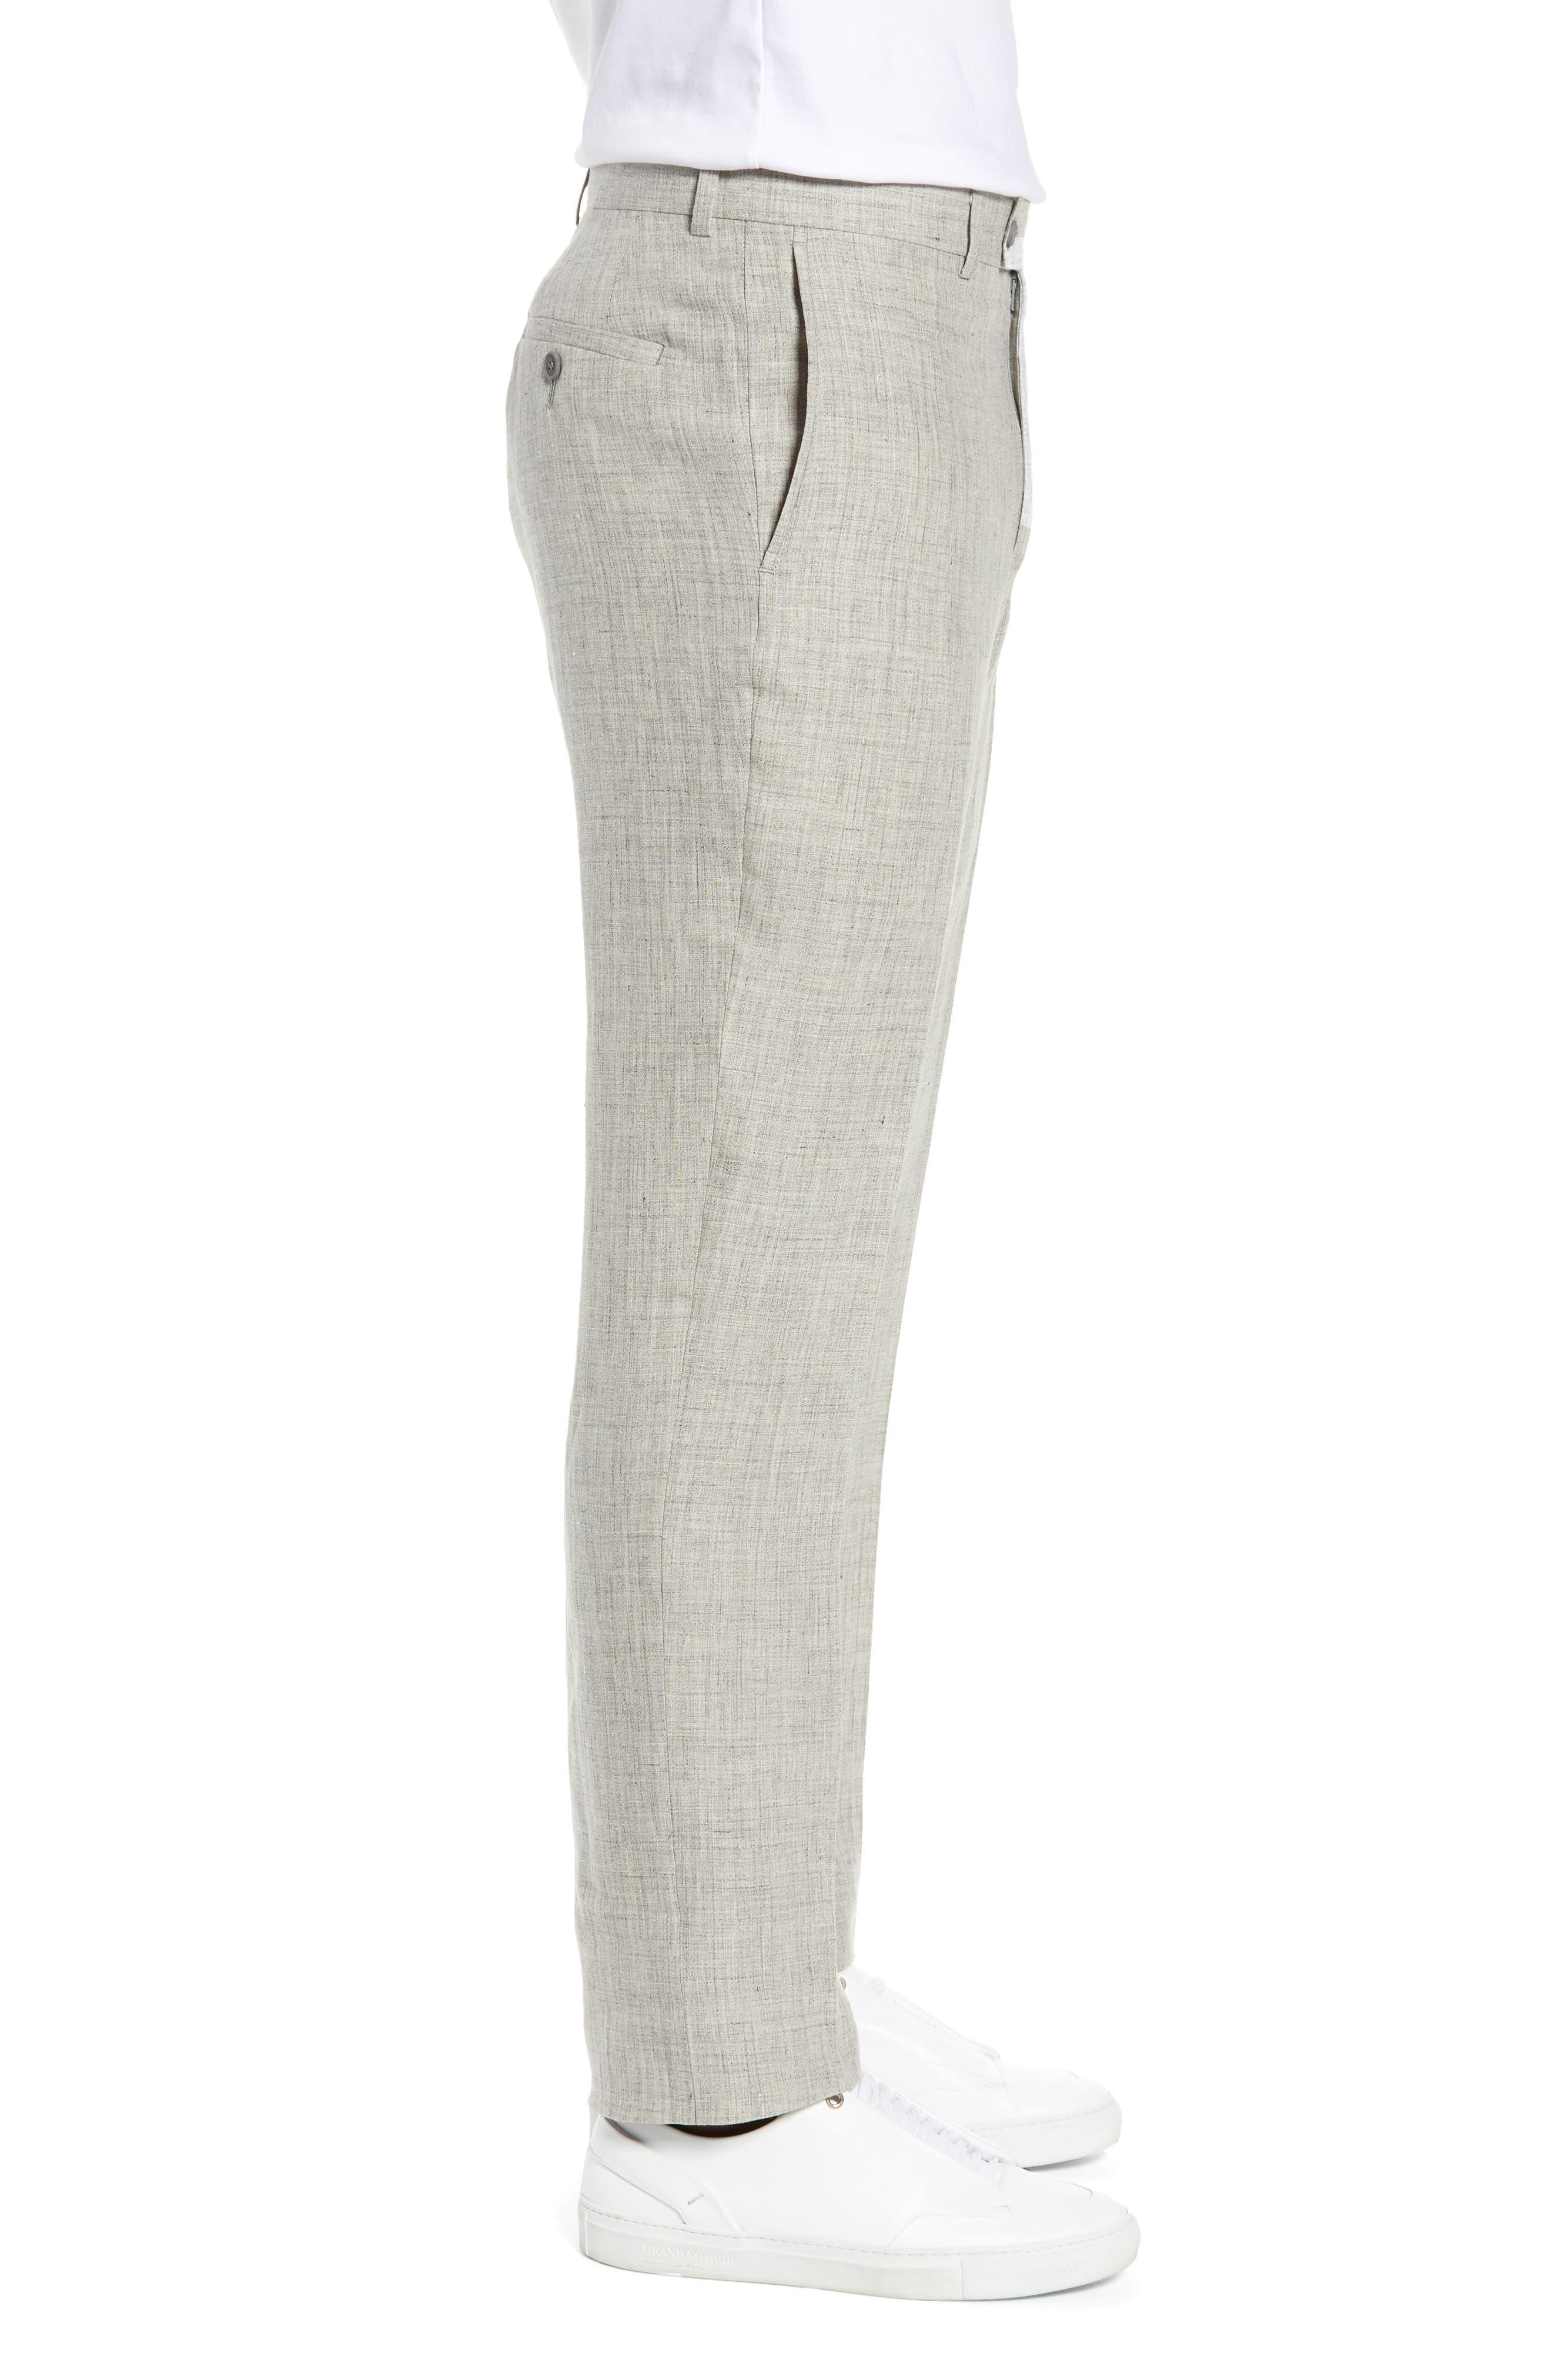 NORDSTROM MEN'S SHOP, Flat Front Mélange Linen Trousers, Alternate thumbnail 4, color, LIGHT GREY